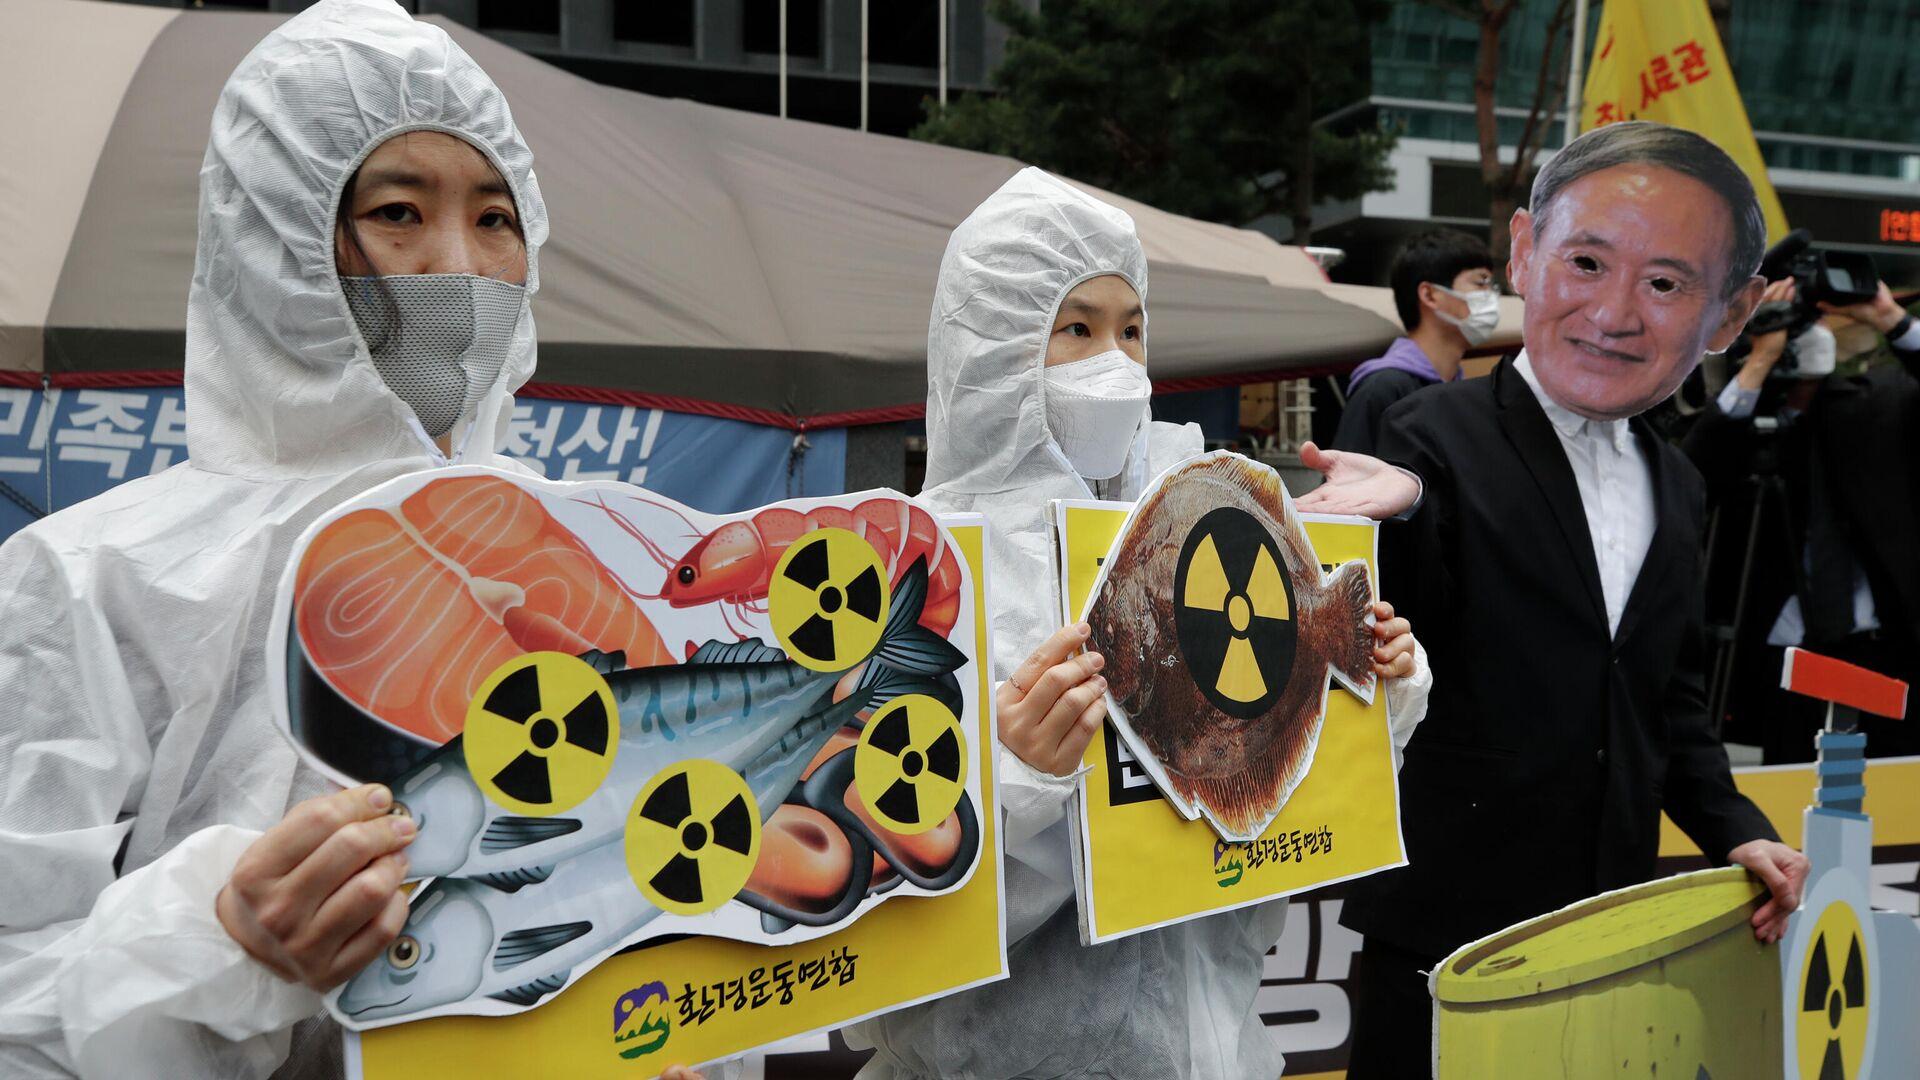 Протест против сброса воды с АЭС Фукусима-1 в океан в Сеуле, Южная Корея - Sputnik Узбекистан, 1920, 14.04.2021